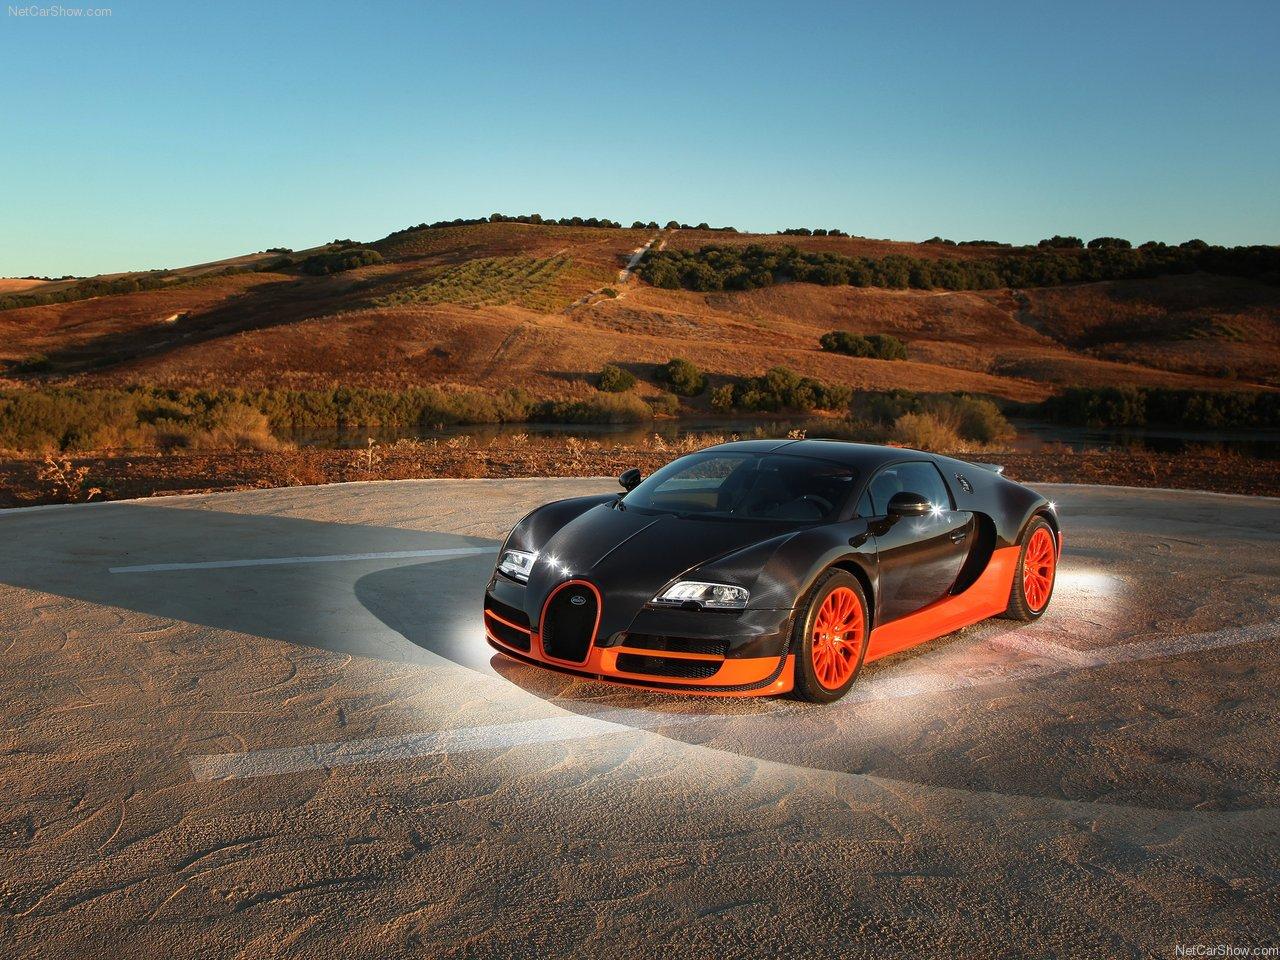 http://1.bp.blogspot.com/_OxQU_AmEgy0/TR0AkHorRvI/AAAAAAAACbo/qFfIdWCcuWM/s1600/Bugatti-Veyron_Super_Sport_2011_1280x960_wallpaper_1c.jpg